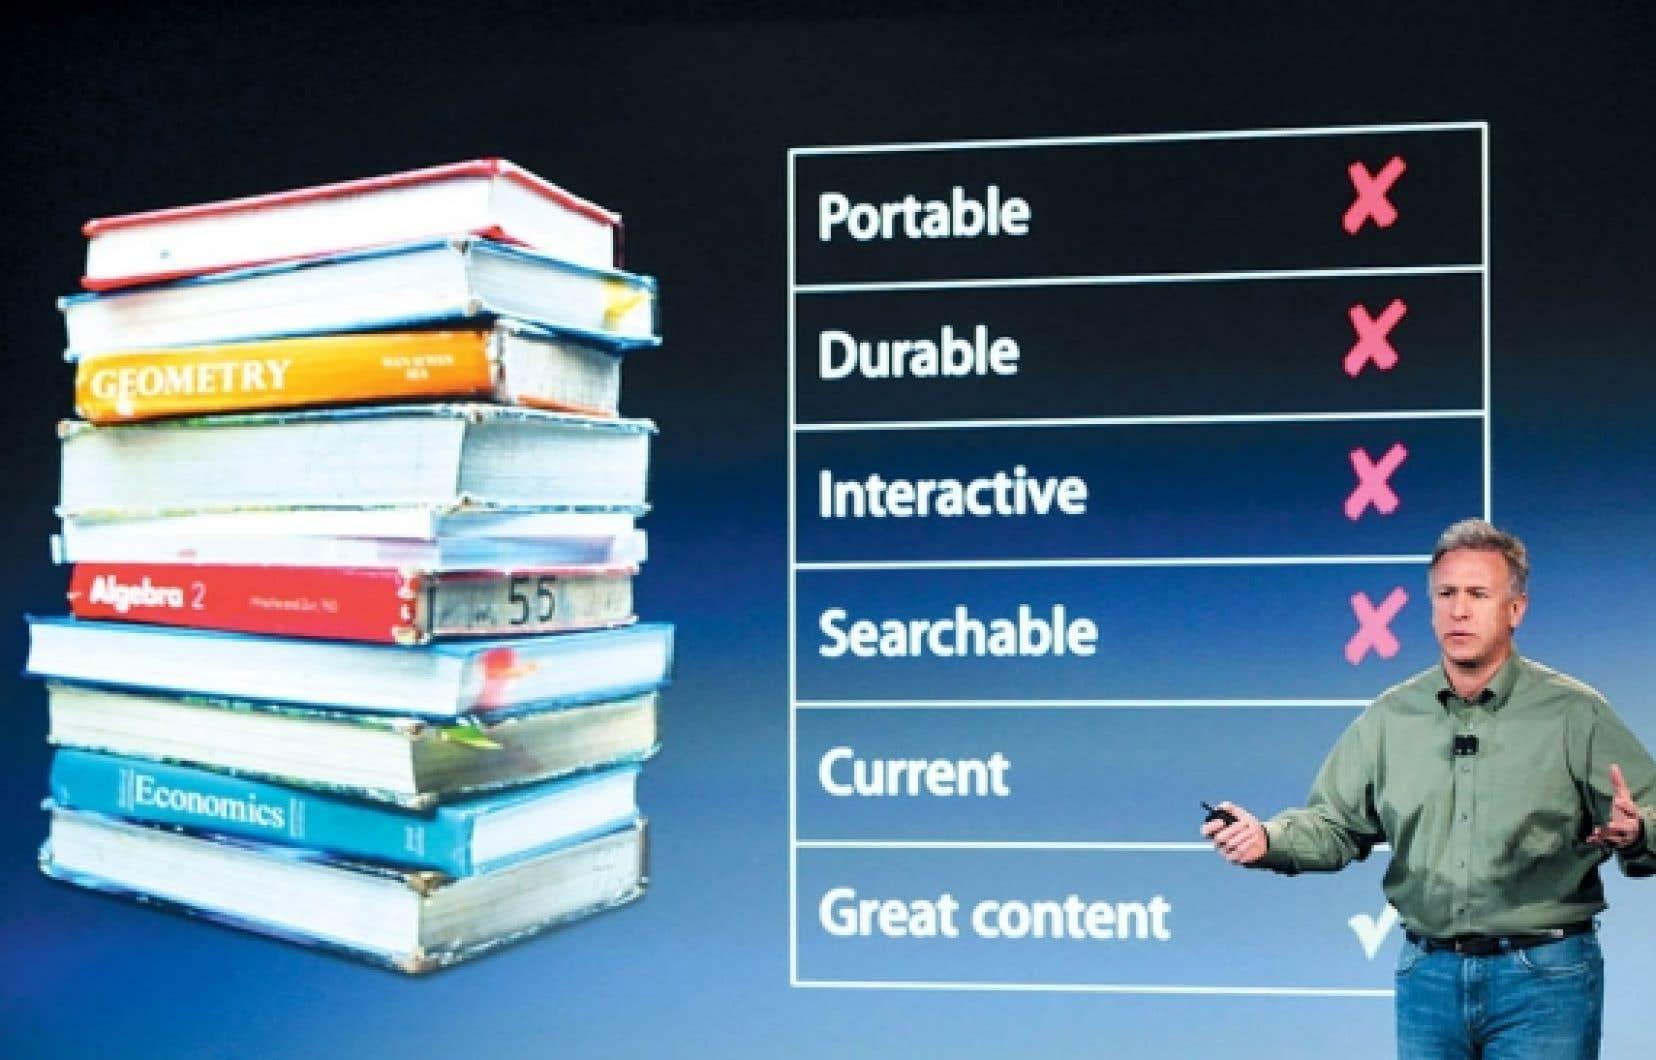 Présentée à New York hier par le chef marketing d'Apple, Phil Schiller, l'application iBook Author s'inscrit dans une nouvelle stratégie de développement de l'entreprise qui cherche à placer ses pions et ses tablettes numériques iPad dans le monde de l'éducation.